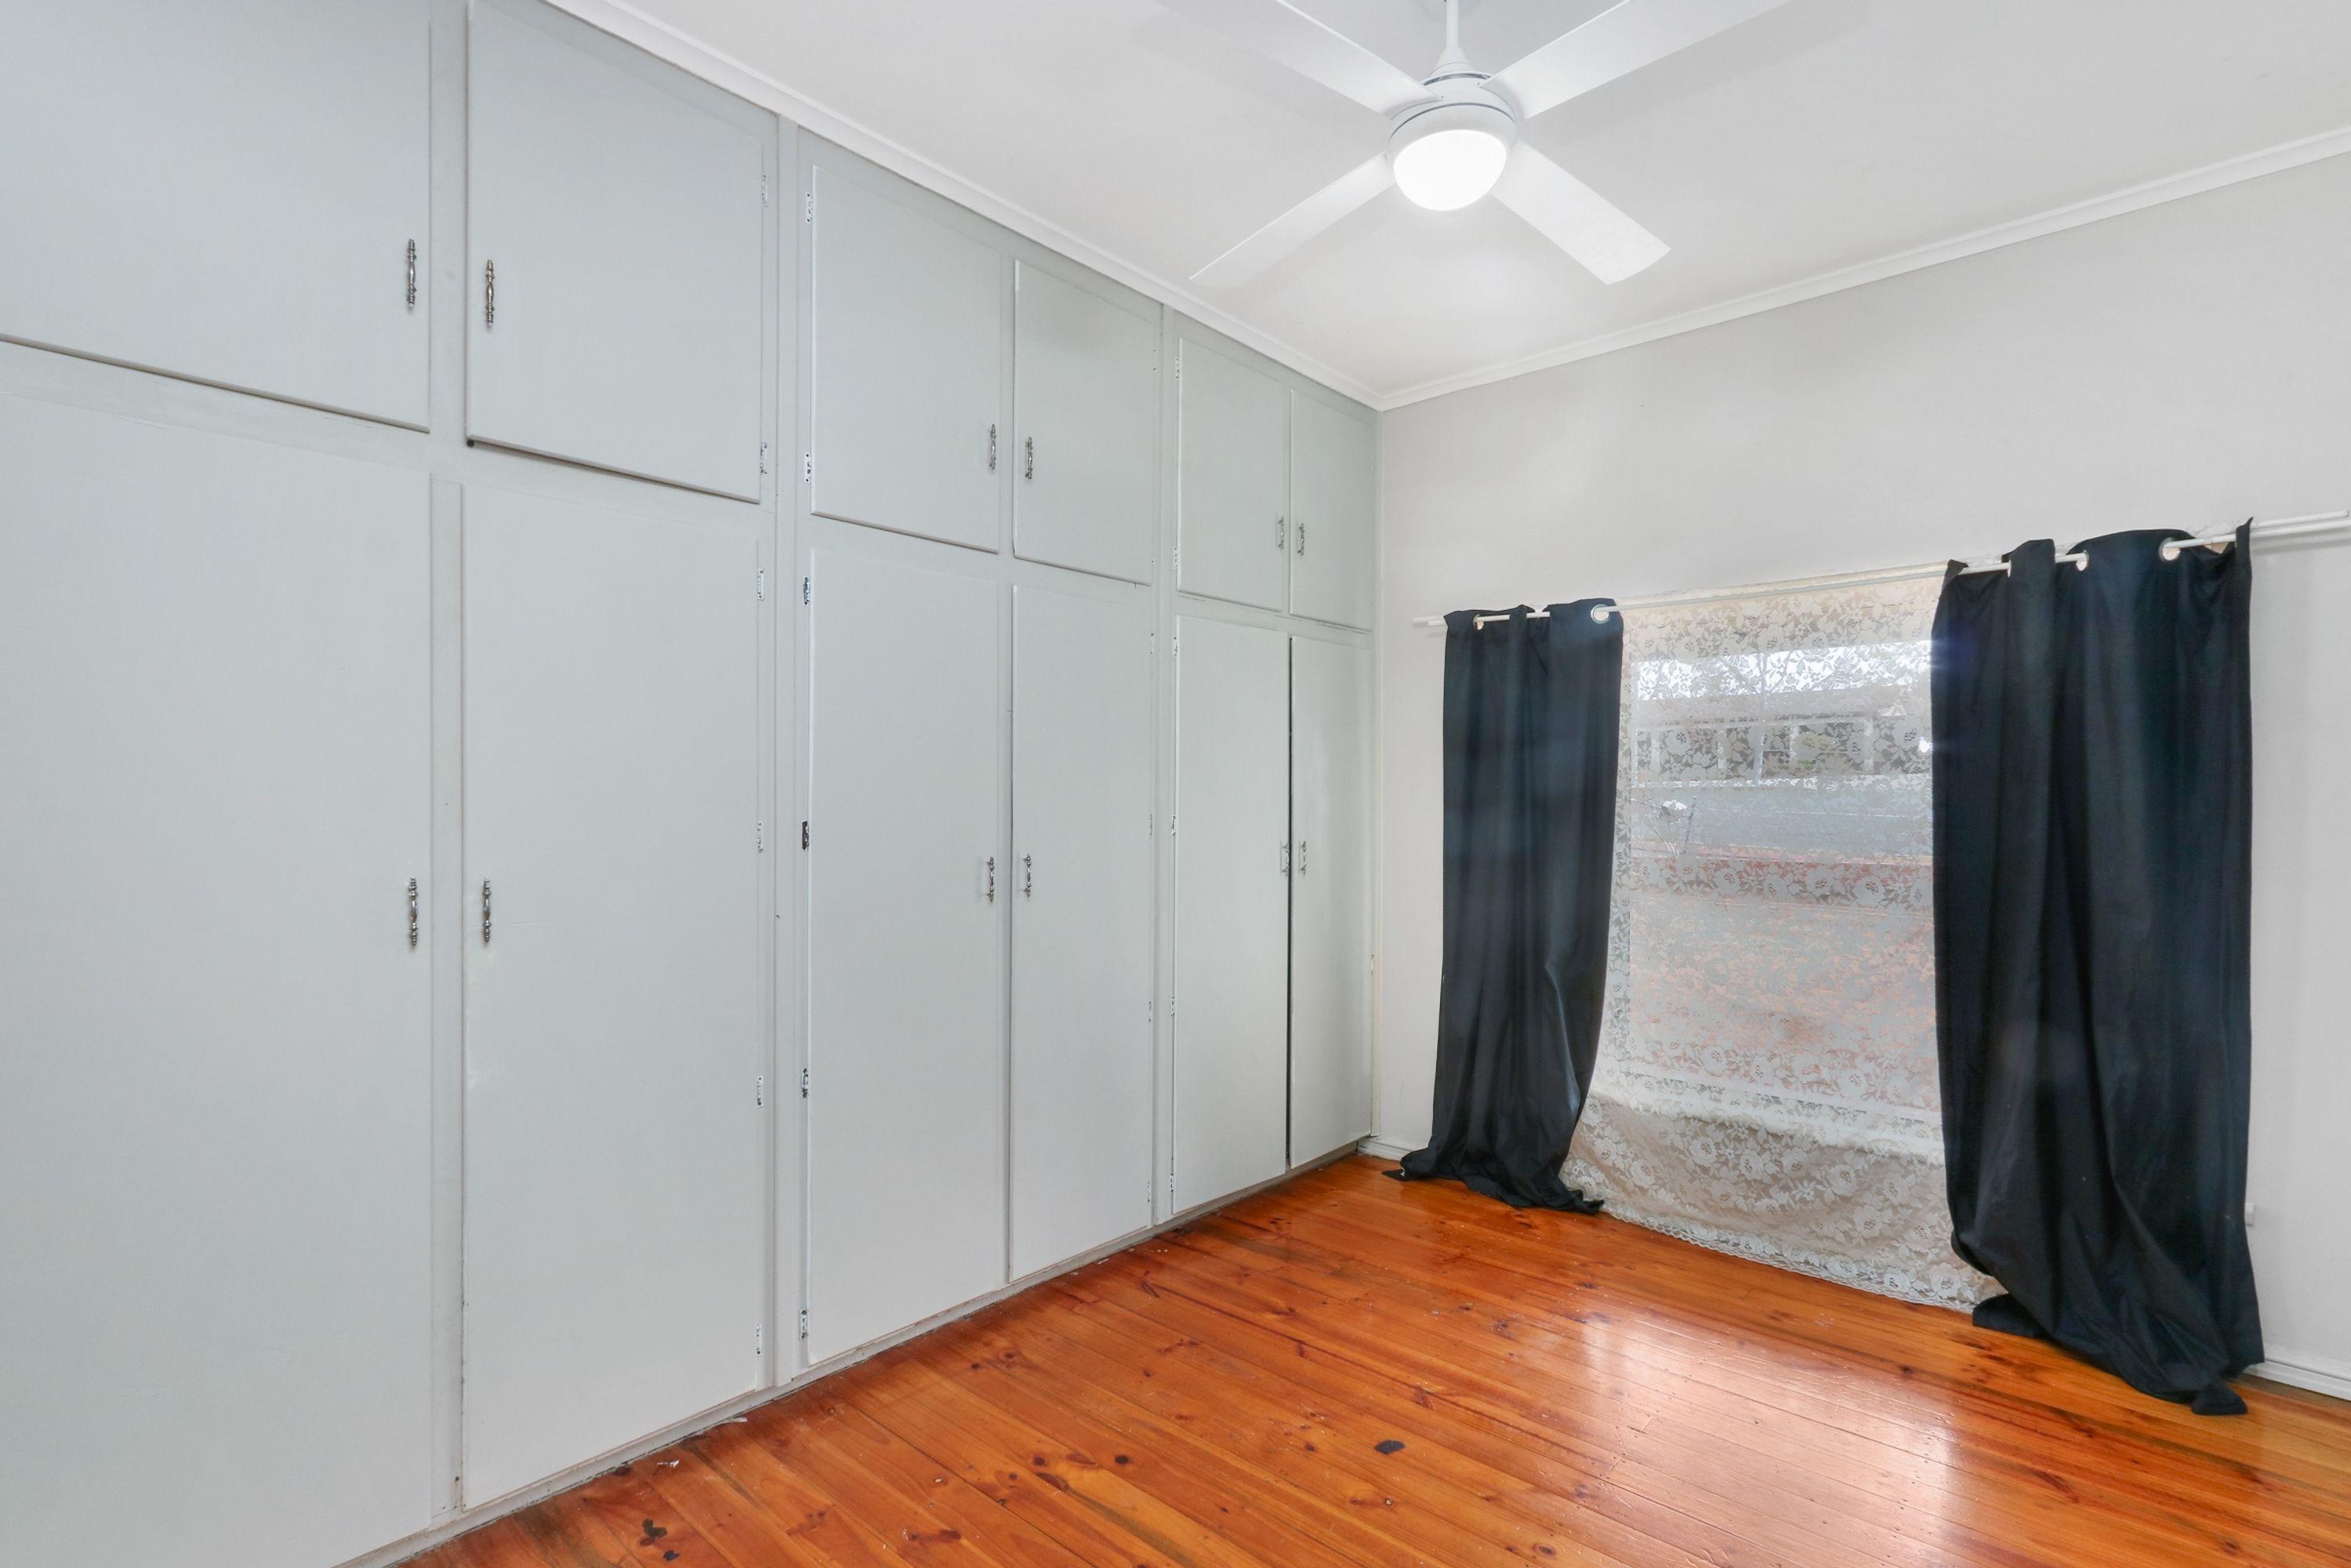 575 Cummins Street, Broken Hill, NSW 2880